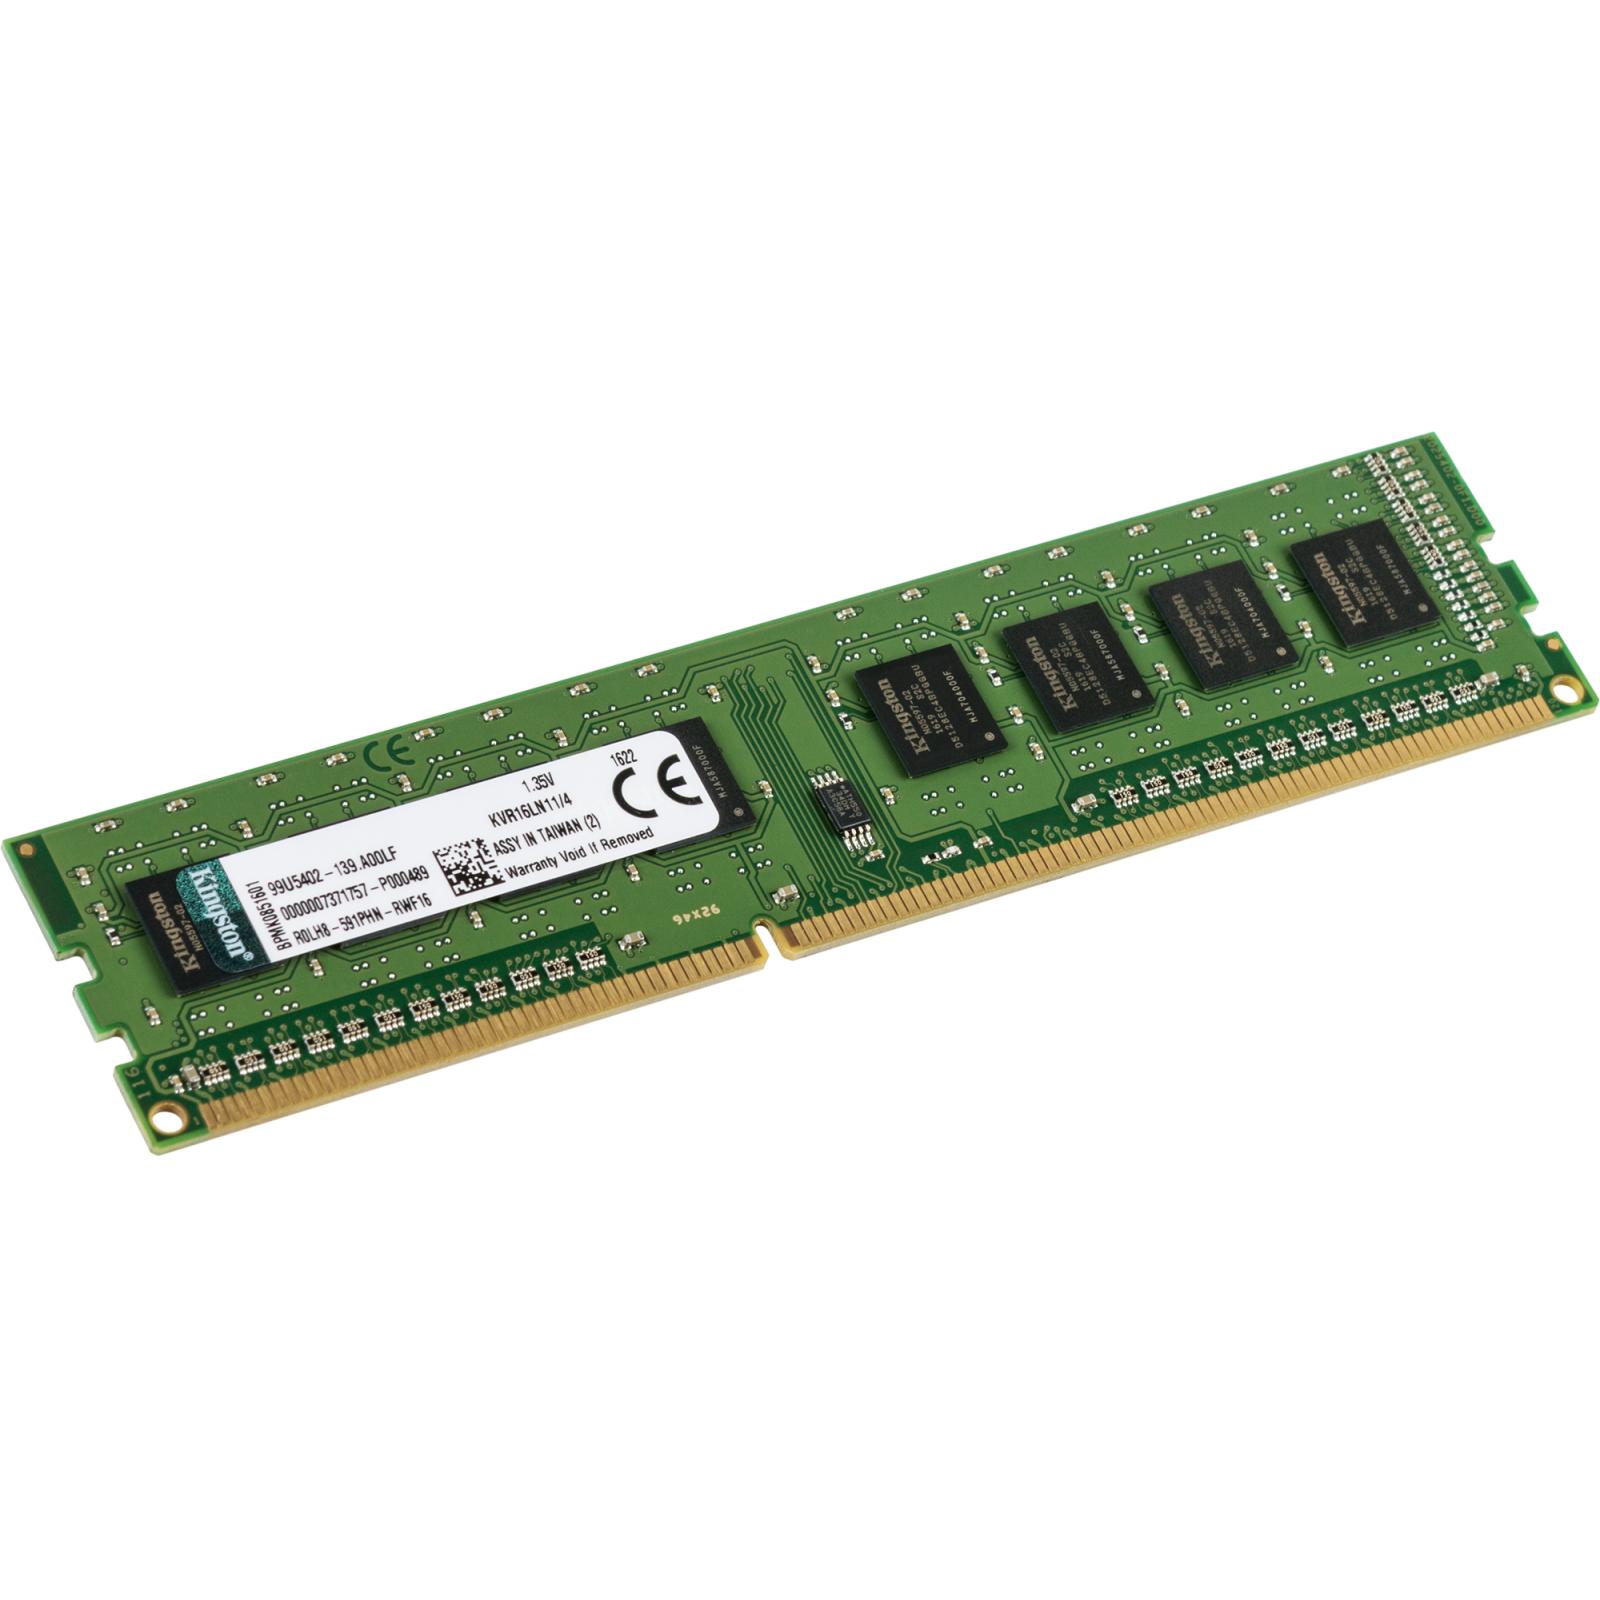 Модуль памяти для компьютера DDR3 4GB 1600 MHz Kingston (KVR16LN11/4) изображение 2